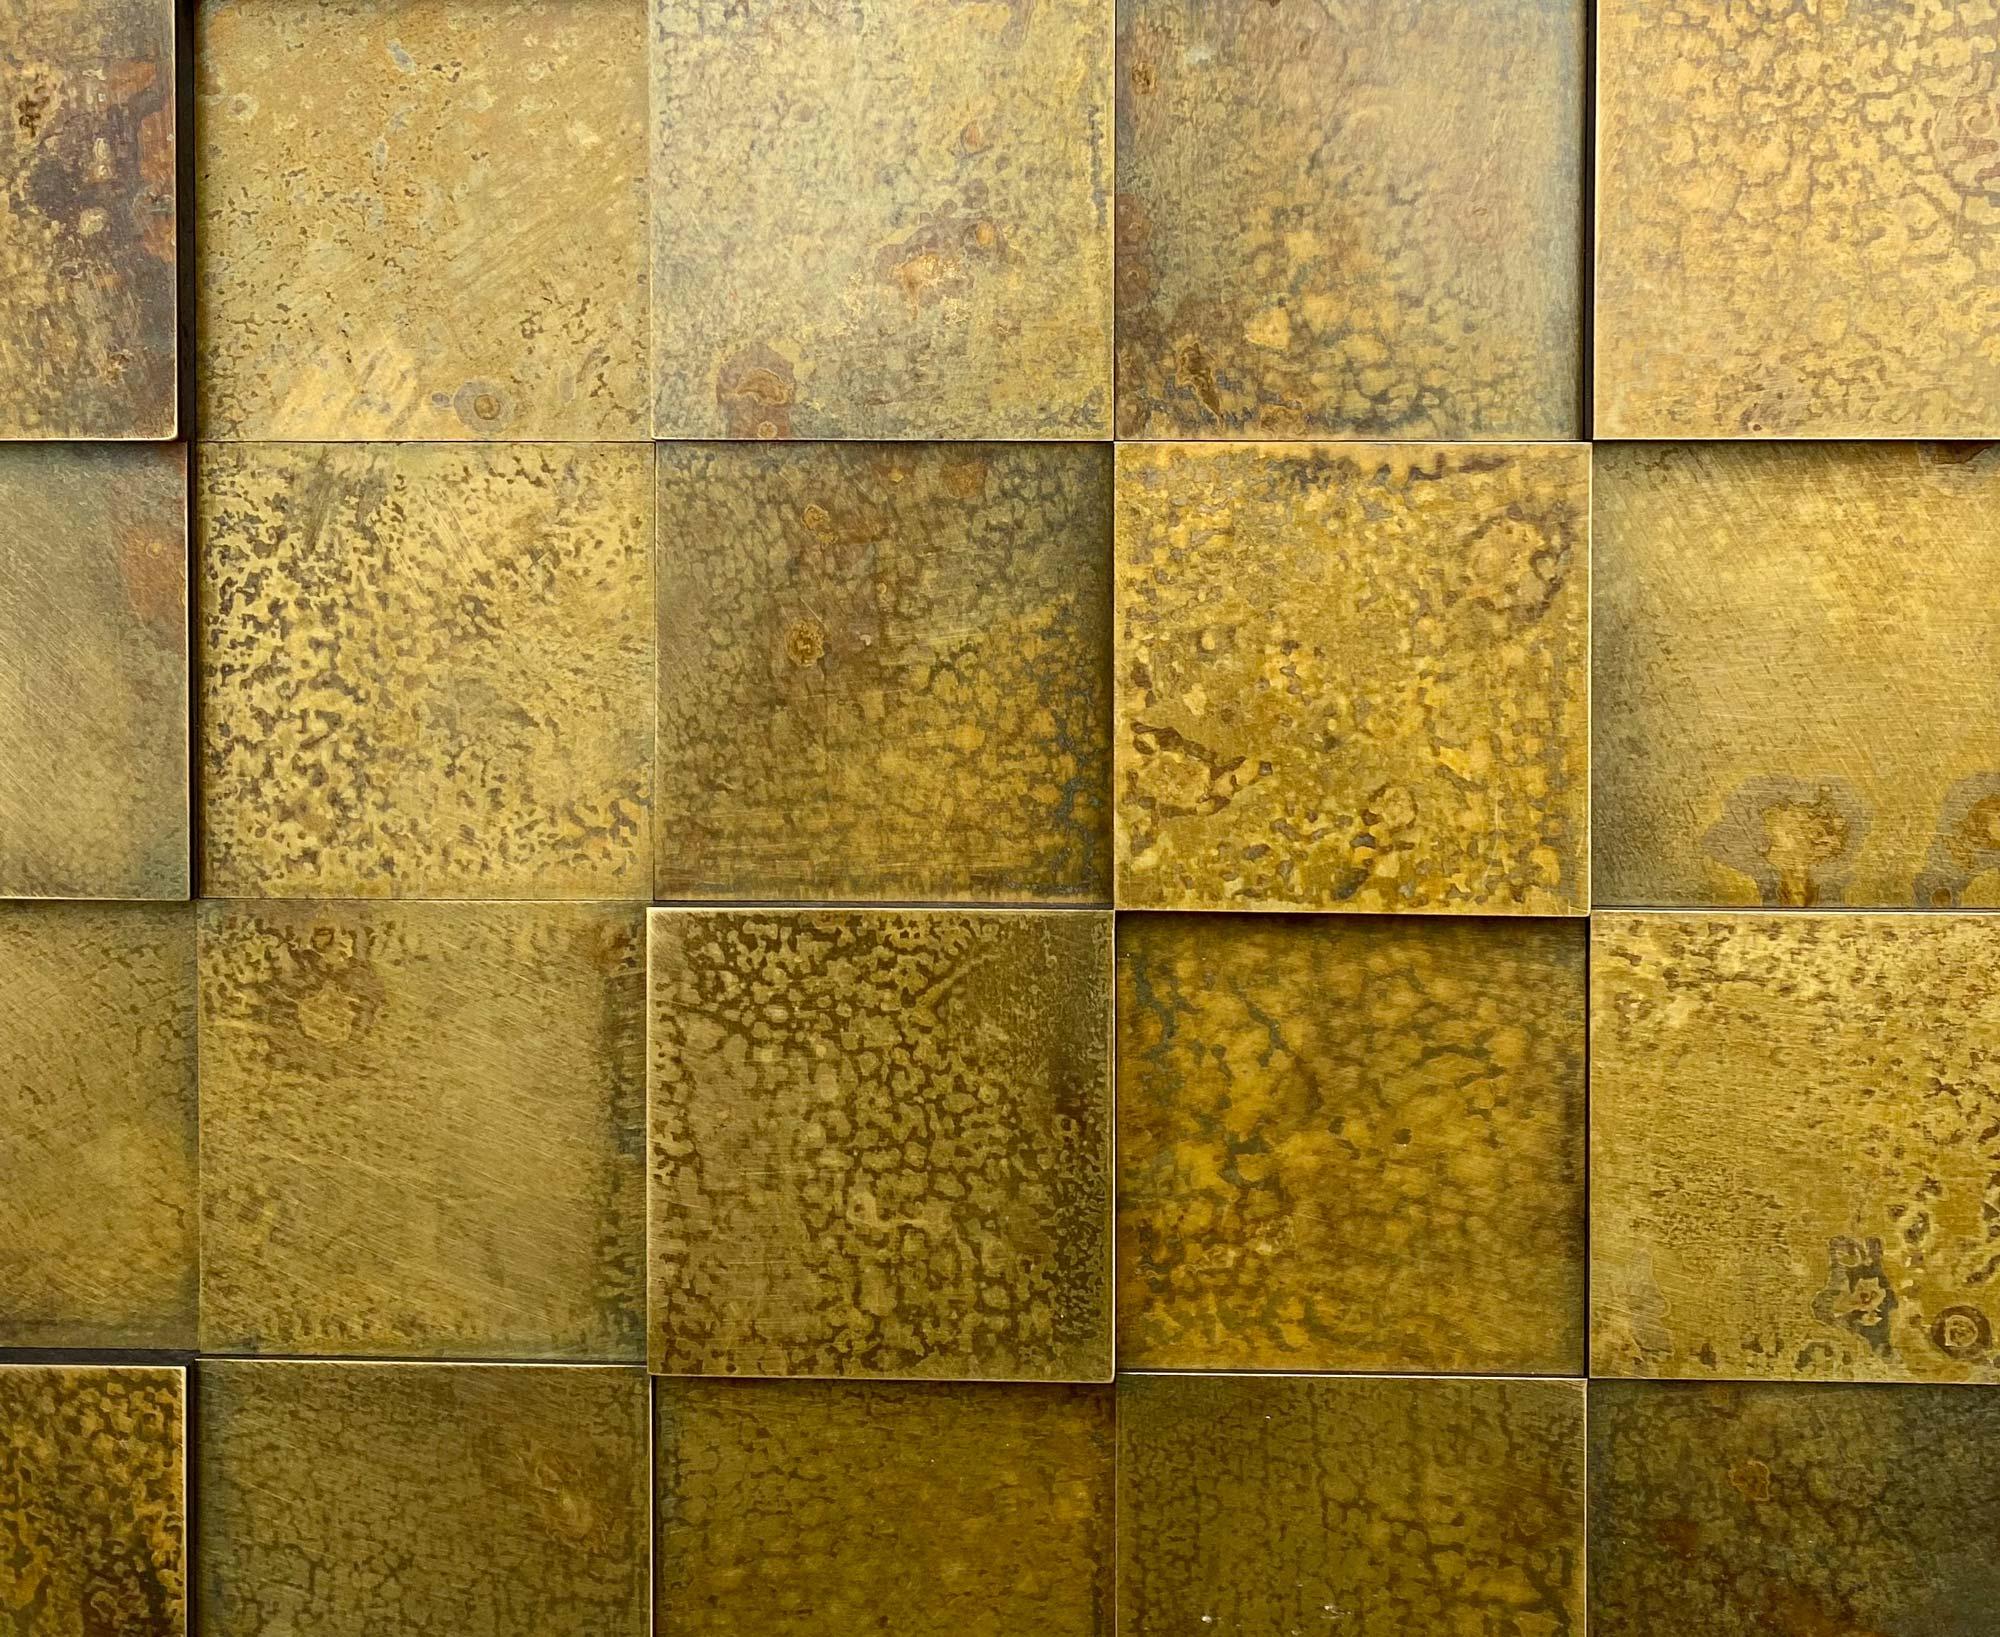 wandpaneele-metall-messing-oxidiert-quadrat-verwittert-2